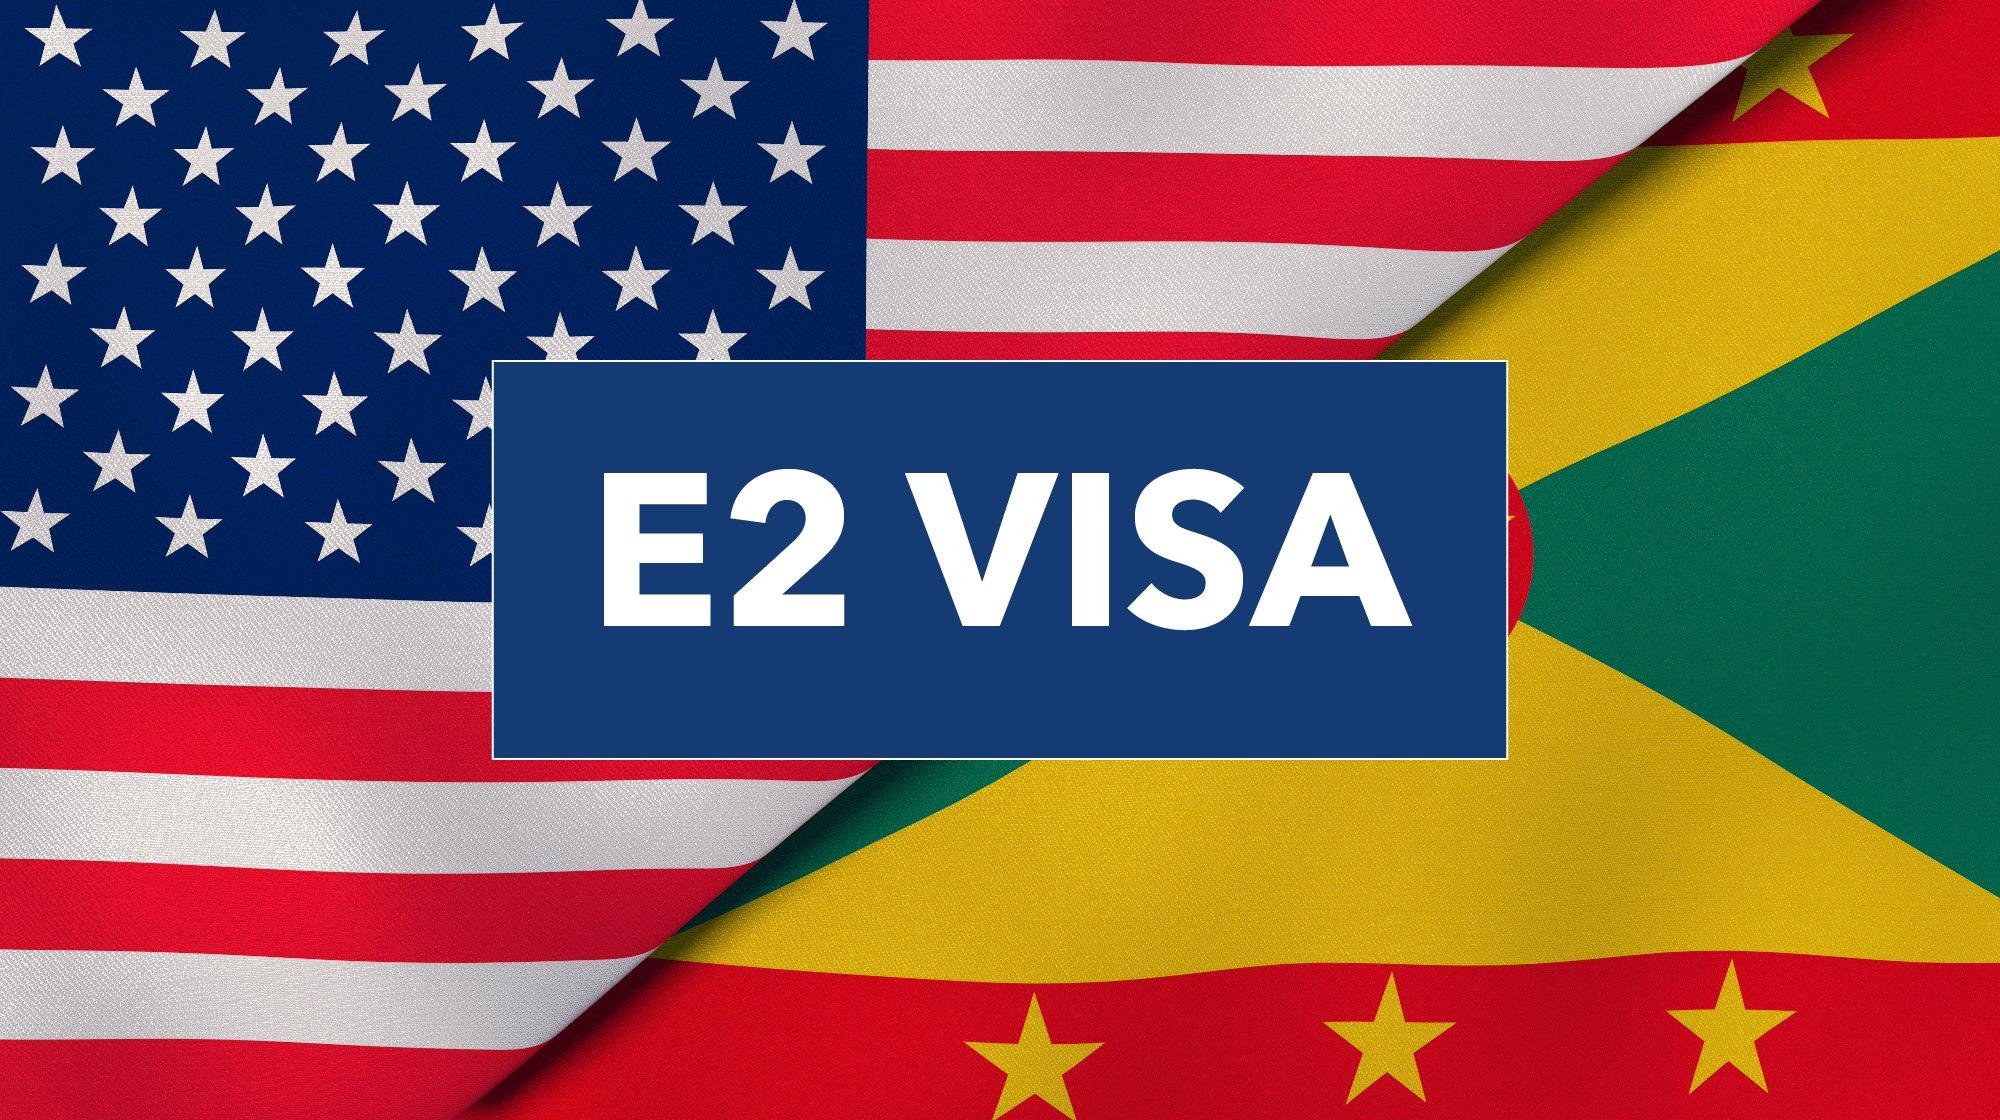 الهجرة إلى الولايات المتحدة من خلال الاستثمار في جنسية غرينادا